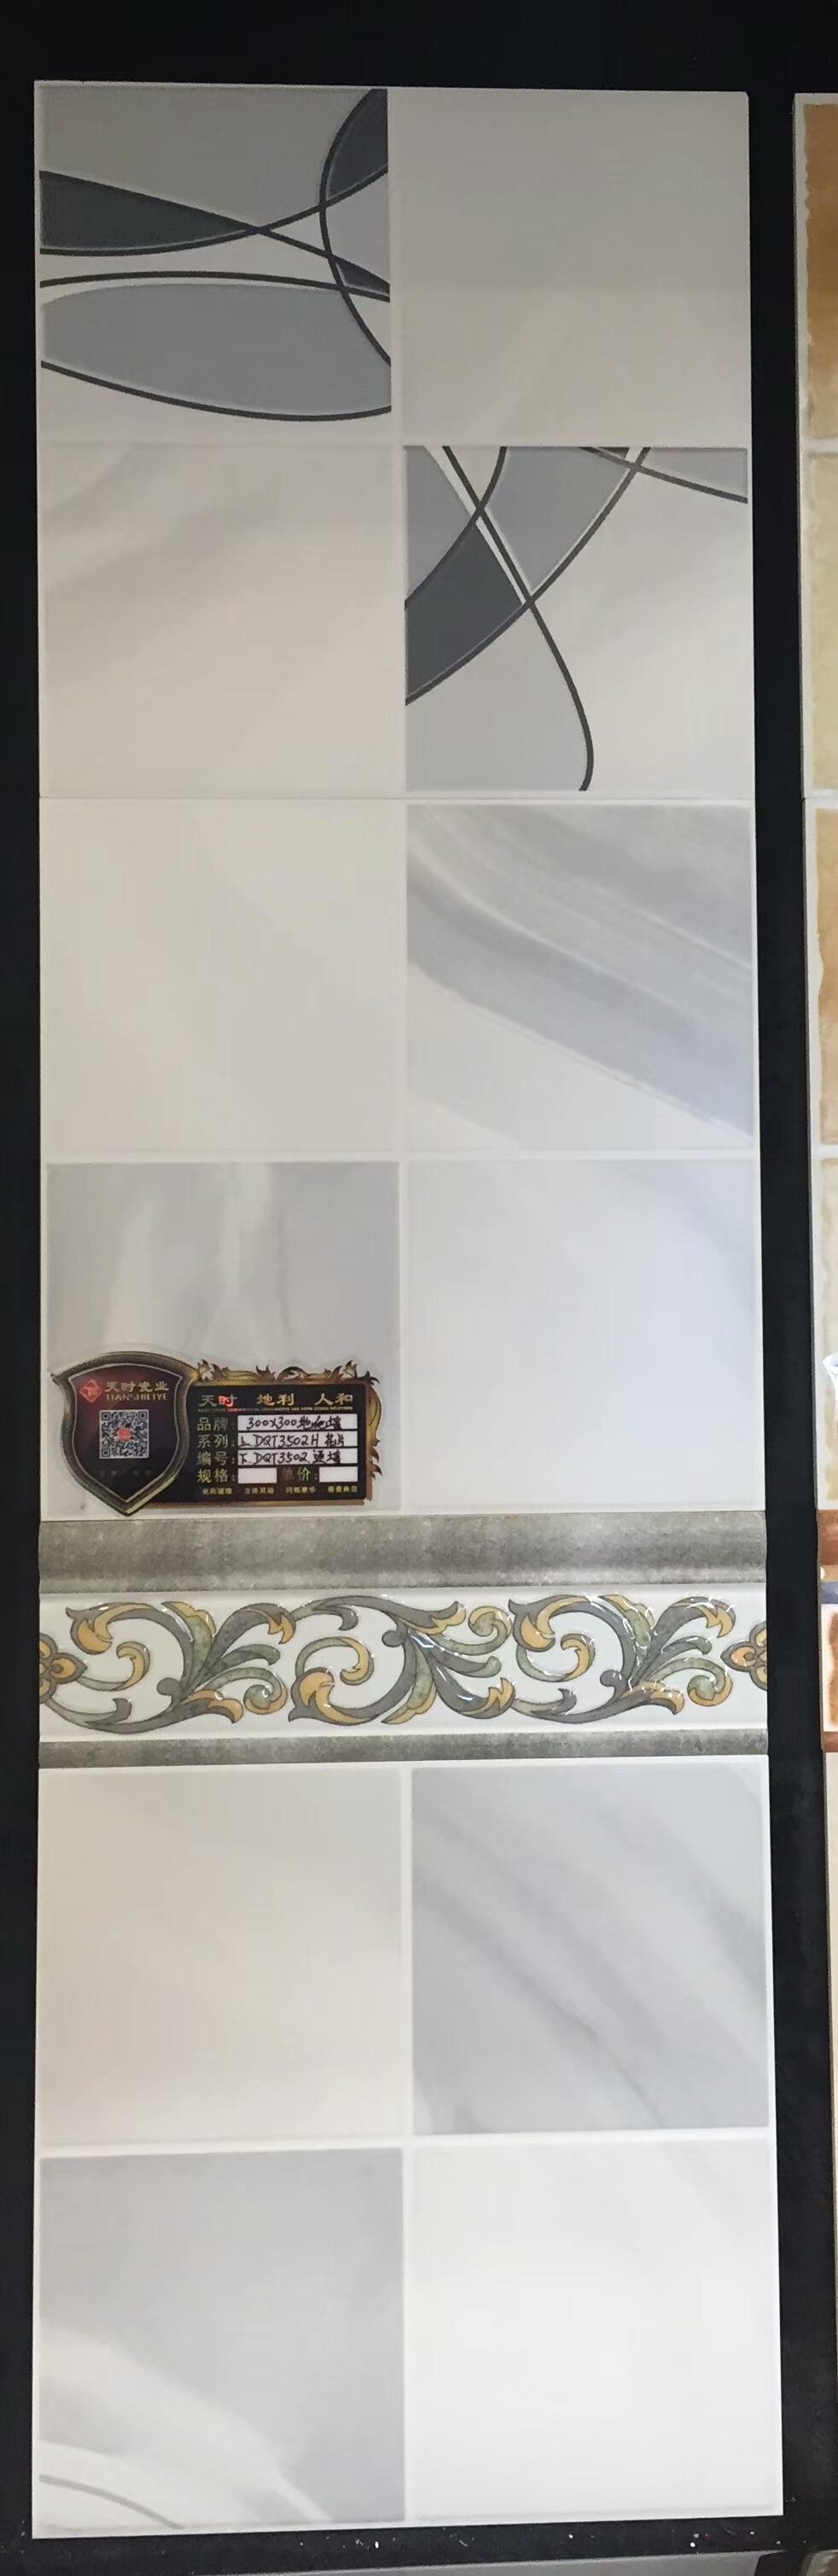 乐山背景墙装修选购技巧